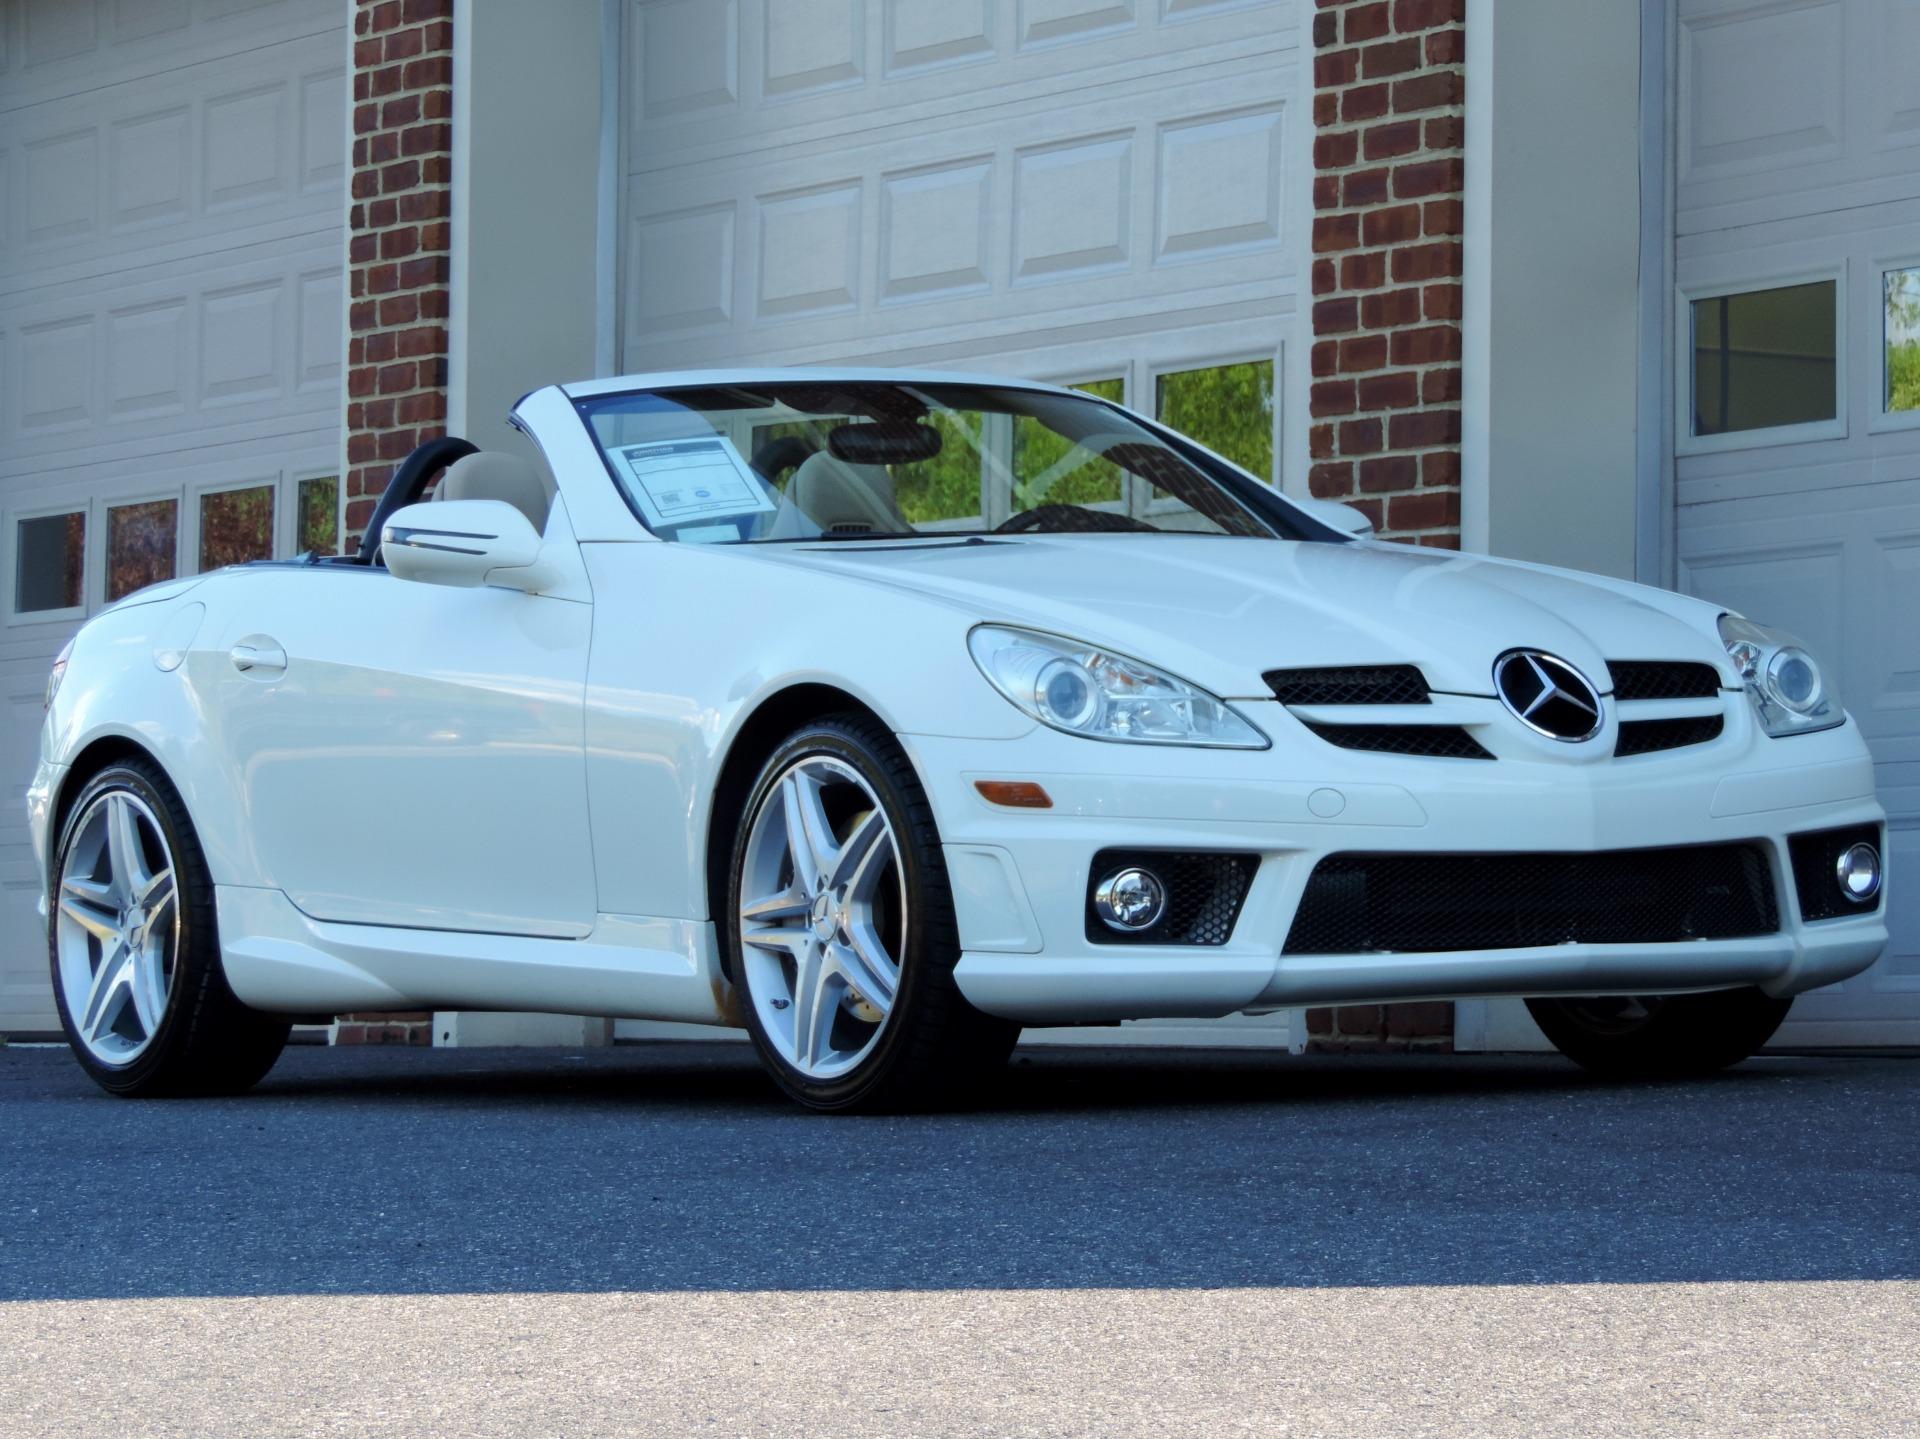 Mercedes Benz Dealers In Nj >> 2009 Mercedes-Benz SLK SLK 350 Stock # 192086 for sale ...